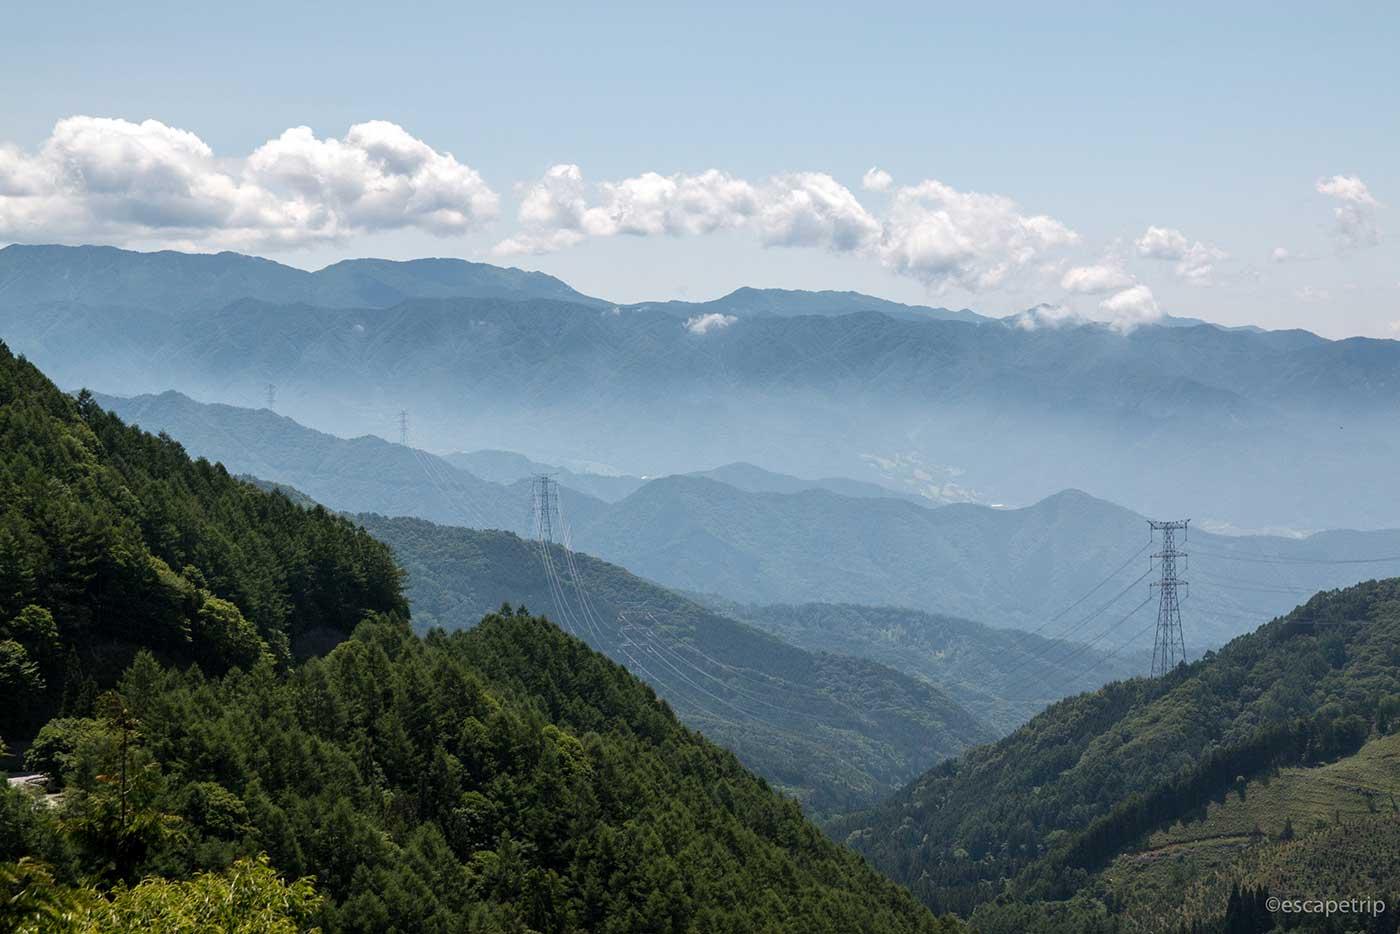 通行止め おお 峠 だ るみ 大弛峠ライド! 日本一高いところにある車道峠、標高2,360mへ